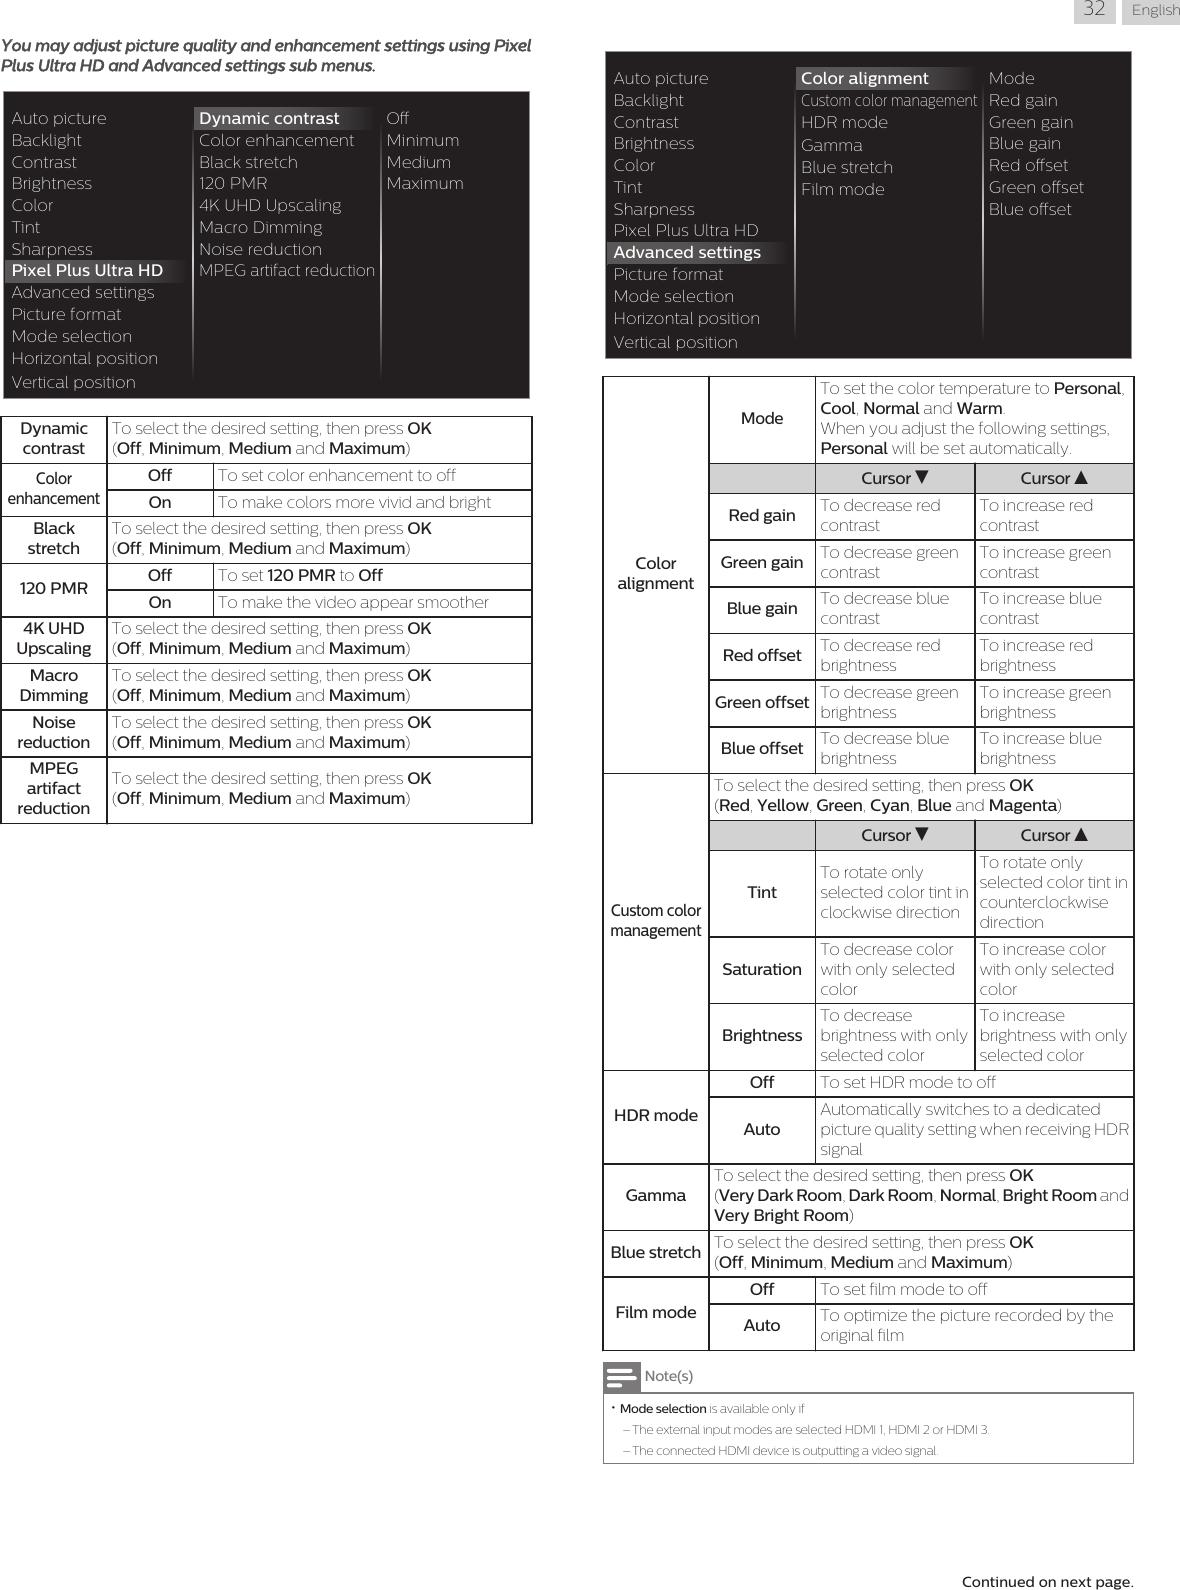 Philips 43PFL5602/F7 User Manual 43pfl5602 F7 Dfu Aen